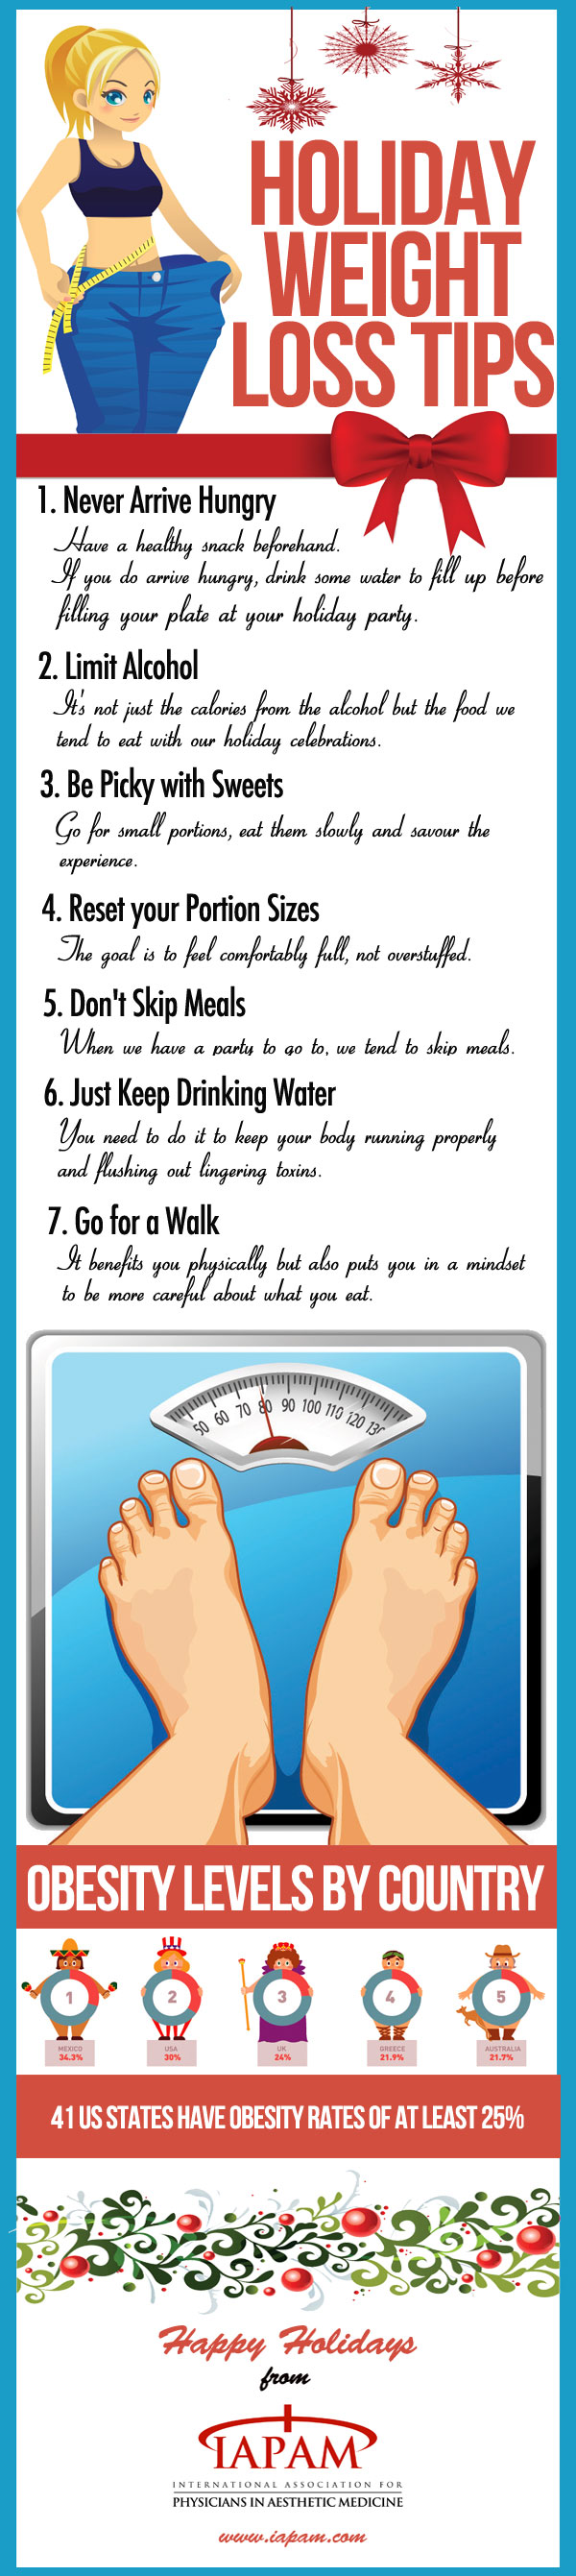 iapam-holiday-weight-loss-tips